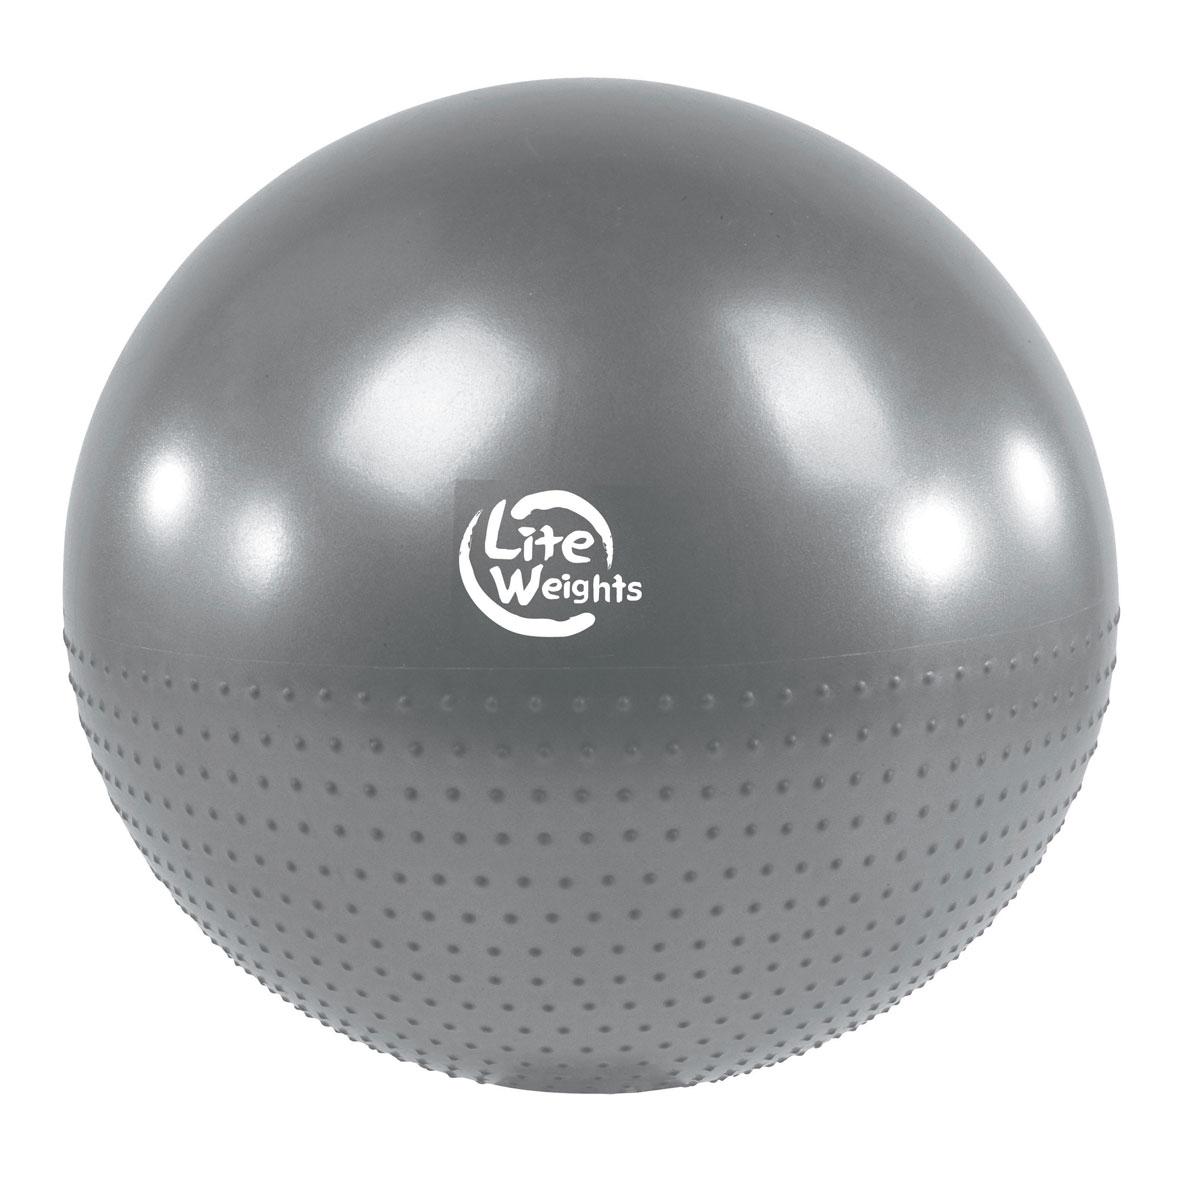 Мяч гимнастический Lite Weights, массажный, цвет: серебристо-серый, диаметр 65 смВВ010-26Гимнастический мяч Lite Weights является универсальным тренажером для всех групп мышц, помогает развить гибкость, исправить осанку, снимает чувство усталости в спине.Мяч незаменим на занятиях фитнесом и физкультурой. Главная функция мяча - снять нагрузку с позвоночника и разгрузить суставы. Именно упражнения с применением гимнастических мячей способны тренировать спину и улучшать осанку, бороться с искривлениями позвоночника, в особенности у детей и подростков. Массажные гимнастические мячи обеспечивают одновременные массаж и тренировку мышц туловища и конечностей, улучшая тонус и увеличивая силу мышц, а также способствуют укреплению кровеносно-сосудистой системы. Гимнастические мячи могут использоваться также при массаже новорожденных. Преимущества мяча:- снабжен системой антивзрыв - специальная технология, предупреждающая мяч от разрыва при сильной нагрузке; - способствует развитию и укреплению мышц спины, пресса, ног и рук;- используется при занятиях гимнастикой, аэробикой, фитнесом, а также для оздоровительного массажа;- способствует восстановлению мышечных функций и улучшению здоровья в целом;- максимальный вес пользователя: 100 кг.УВАЖЕМЫЕ КЛИЕНТЫ!Обращаем ваше внимание на тот факт, что мяч поставляется в сдутом виде. Насос входит в комплект.